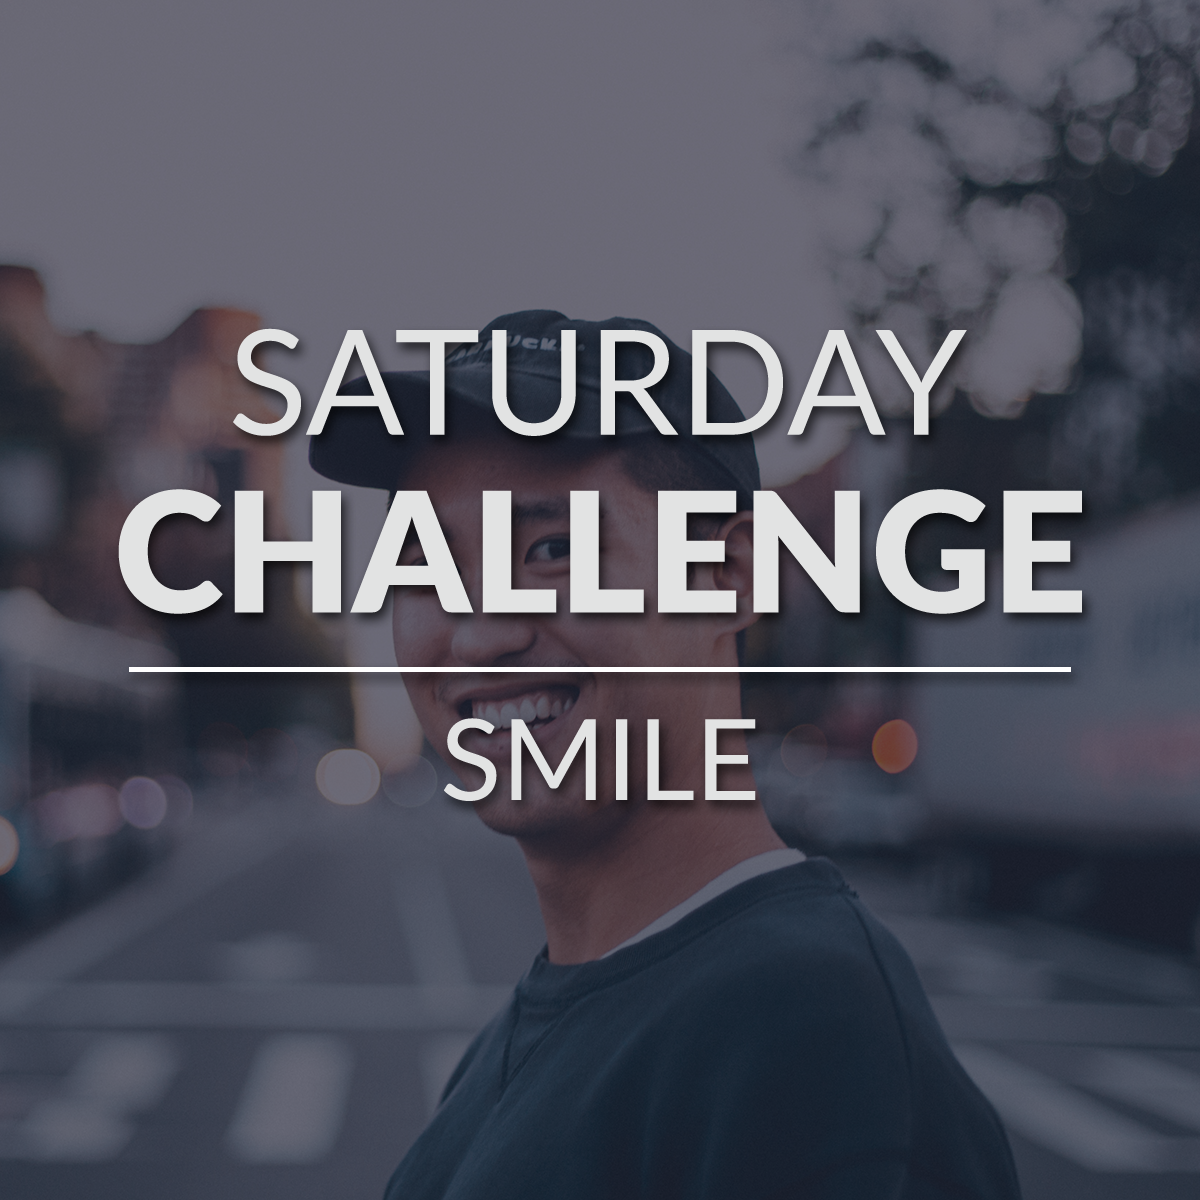 Smile when leading worship